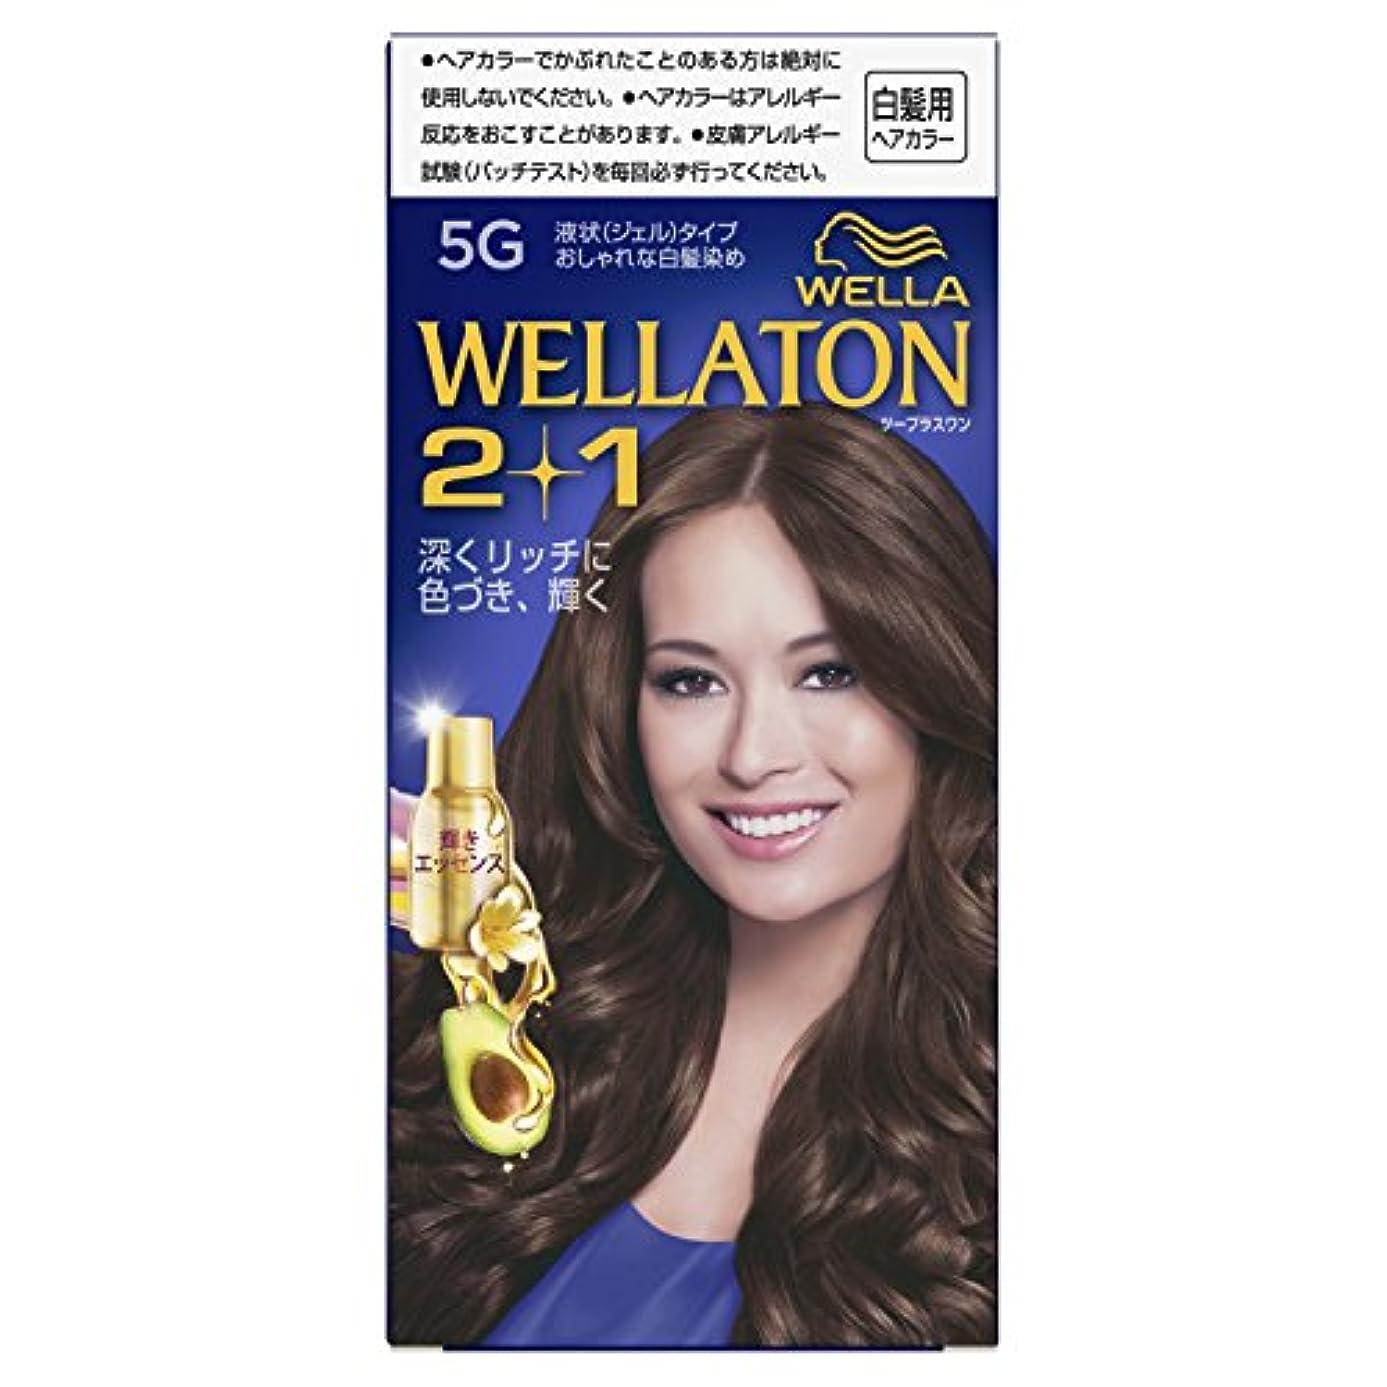 コンサートヘルシーマトンウエラトーン2+1 液状タイプ 5G [医薬部外品](おしゃれな白髪染め)